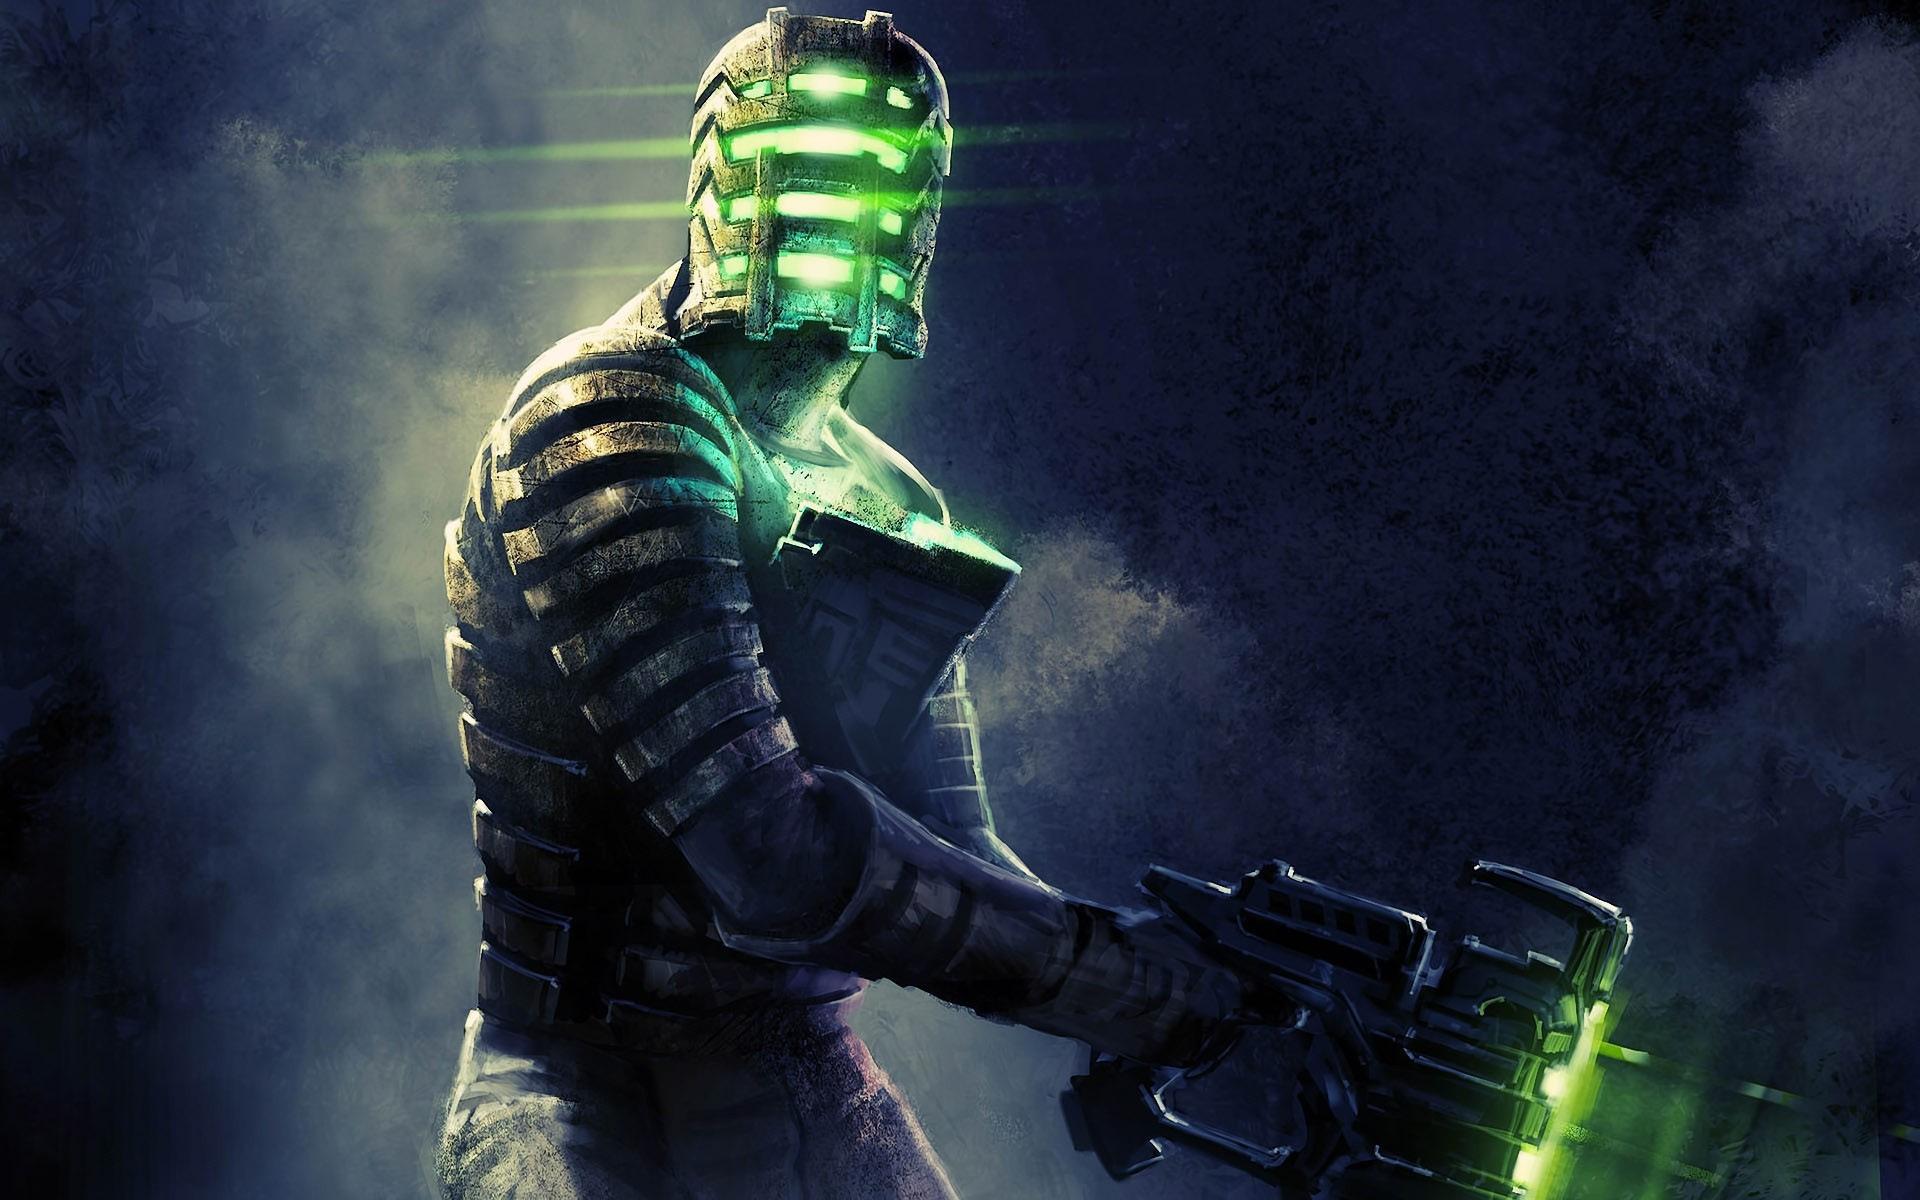 Уже завтра станут известны новые детали ремейка Dead Space